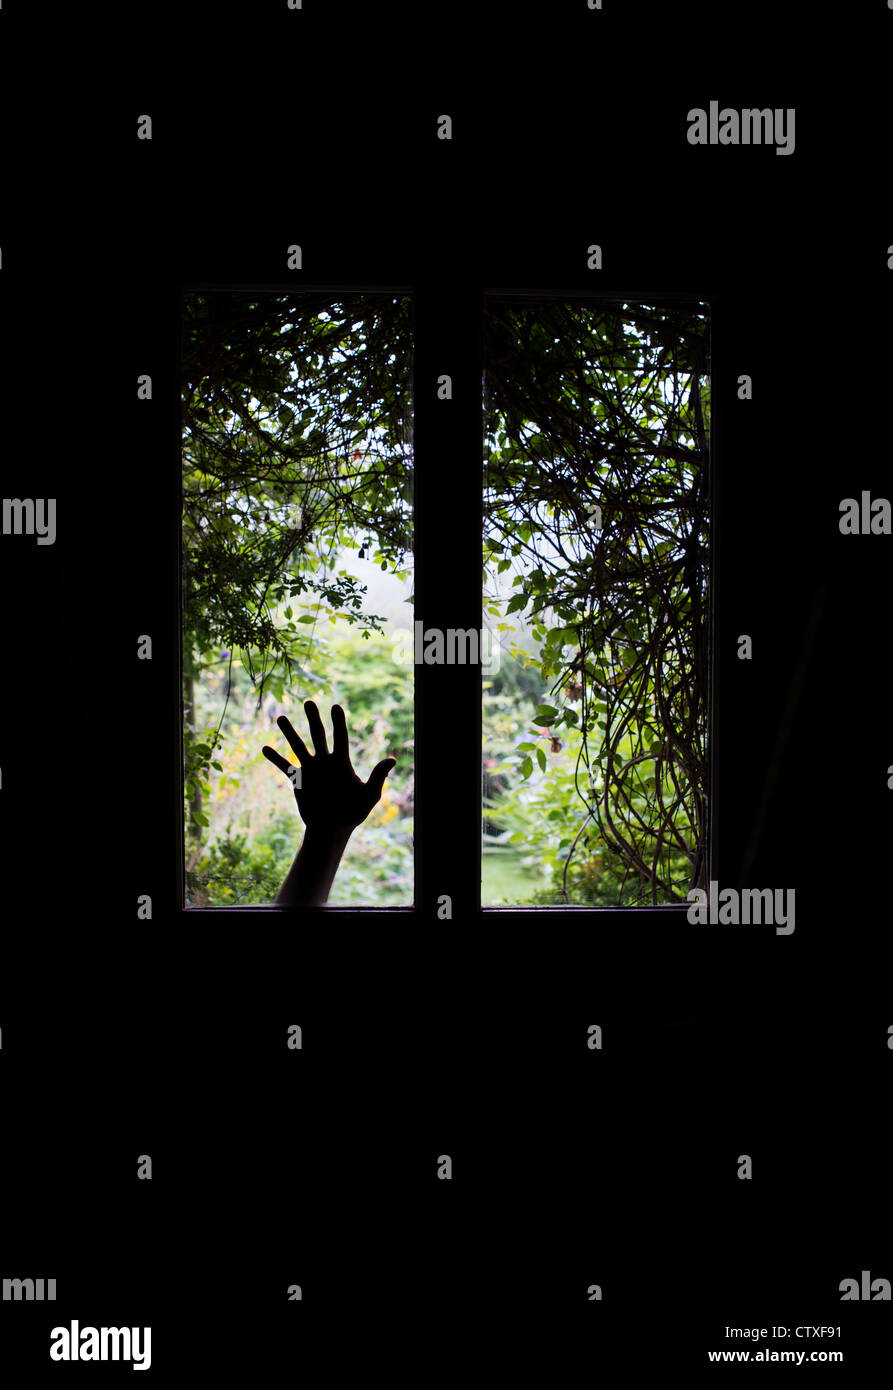 Silhouette main contre les fenêtres de verre dans une porte d'en face d'une vue sur le jardin luxuriant. Photo Stock